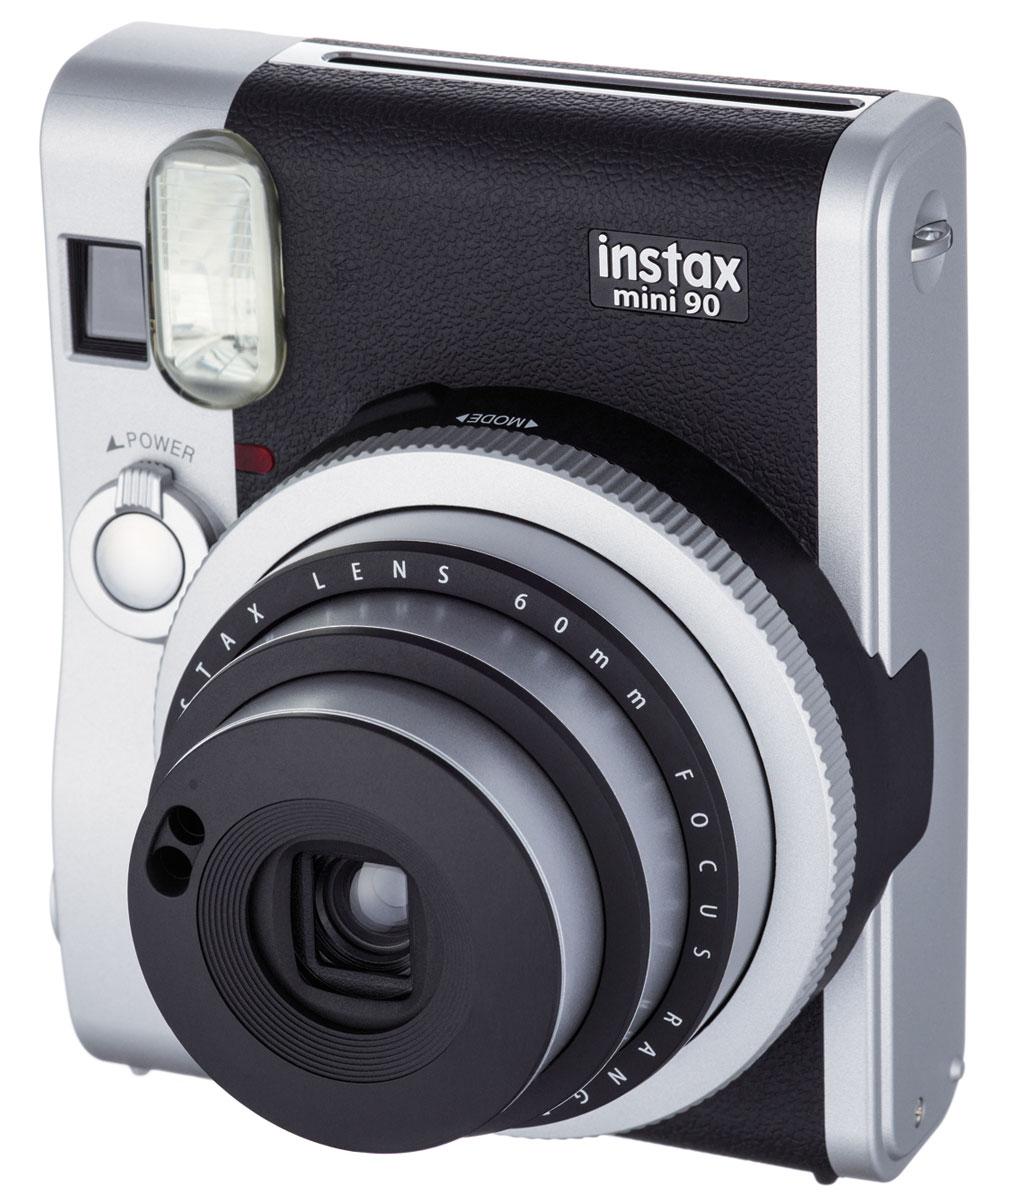 Fujifilm Instax Mini 90, Black фотоаппарат16404583Камера для моментальных снимков Fujifilm Instax mini 90 NEO CLASSIC с новыми и улучшенными функциями и элегантным дизайном в стиле ретро (двухцветное серебристо-черное оформление корпуса) для энтузиастов фотографии, которые хотят получить интересное устройство или камеру более высокого класса по сравнению с моделями начального уровня.Концепция камеры - неоклассика (NEO CLASSIC), что отражено в названии продукта. Новая камера имеет режим двойной экспозиции, длинной экспозиции, макросъемки, режимы праздник, ребенок, ландшафт, таймер автоспуска, отключаемую вспышку, регулировку яркости, 2 кнопки спуска затвора, перезаряжаемую литий-ионную батарею, большой ЖК-экран на задней панели и кольцо выбора режимов на передней. Камера также обеспечивает высокое качество снимков благодаря новой программируемой вспышке. Все эти функции и преимущества делают данную камеру идеальным выбором для фотографов, которые хотят получать максимум удовольствия от съемки моментальных фотографий.Используемая фотопленка: цветная фотобумага Fujifilm Instax miniРазмер фотопленки: 86 x 54 ммРазмер снимка: 62 x 46 ммРесурс аккумулятора: 10 кассет фотобумагиВидоискатель реального изображения, 0,37x, с прицелом и компенсацией параллакса для макросъемкиФокусировка: электроприводное переключение между тремя диапазонами (макросъемка 0,3-0,6 м; нормальный режим 0,6-3 м;пейзаж 3 м-бесконечность)